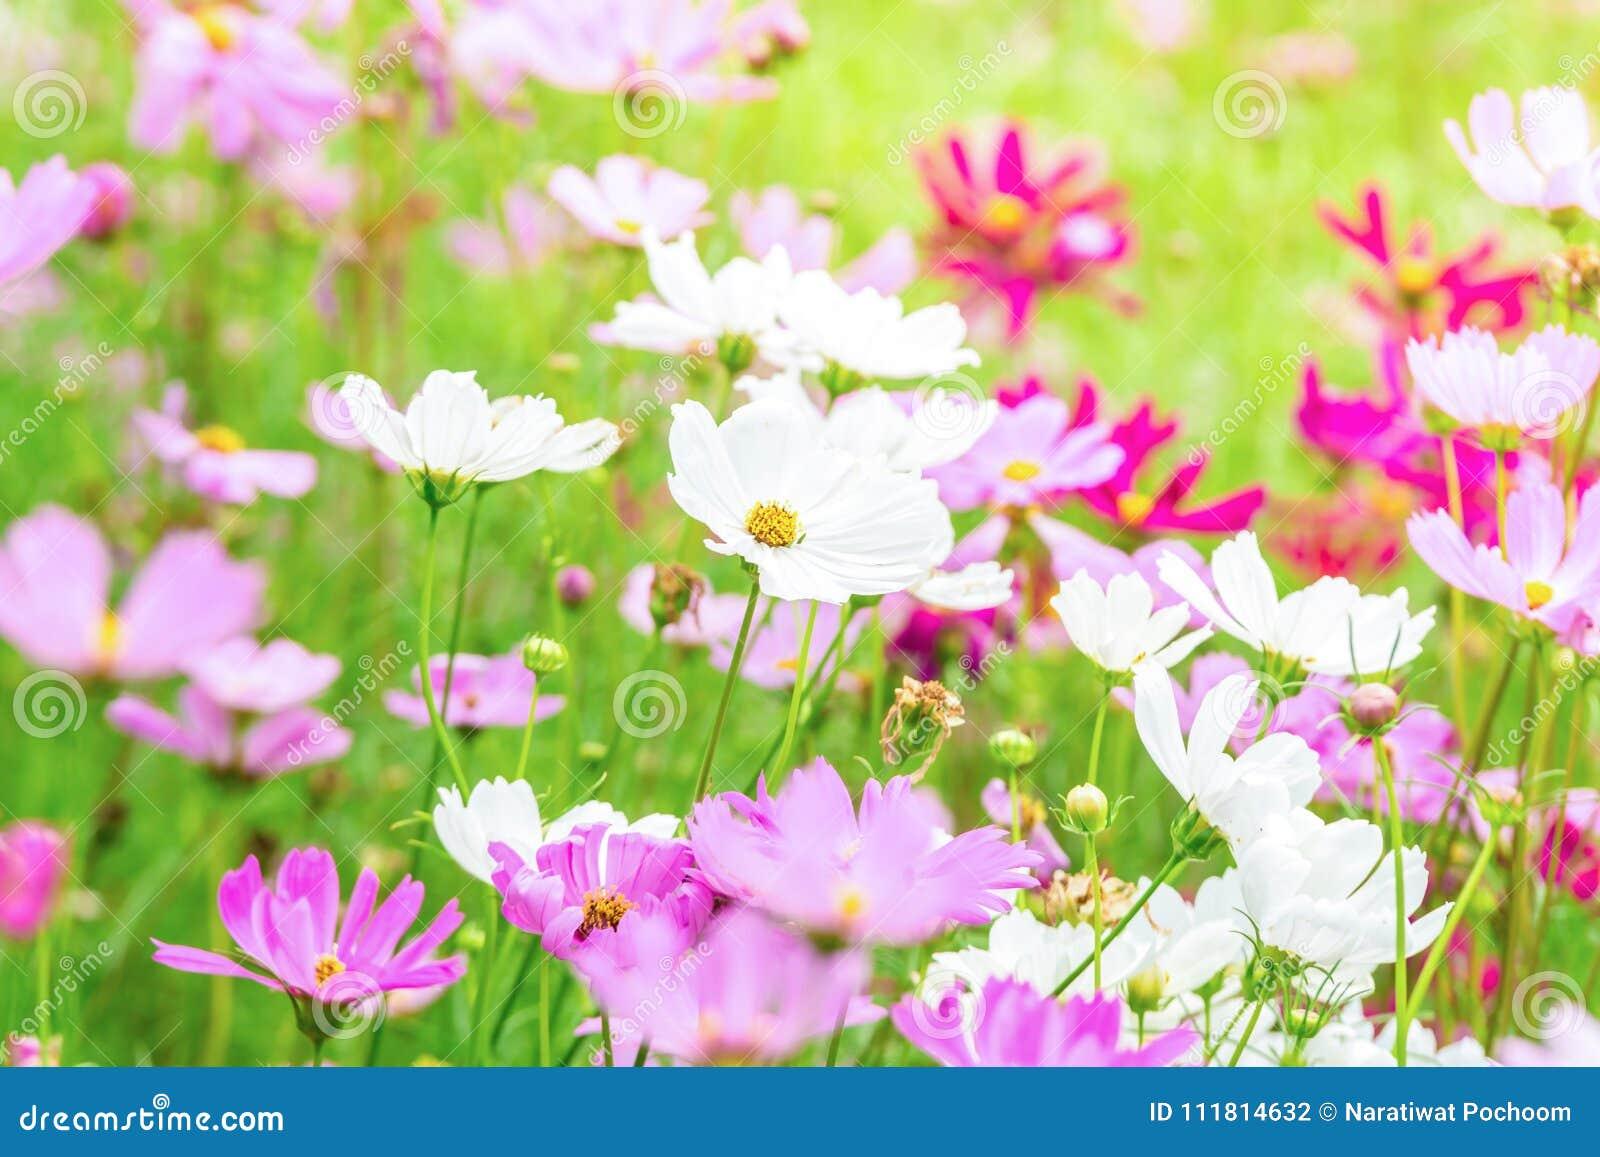 Le Cosmos Rose Et Blanc Fleurit Dans Le Jardin Belle Fleur Photo